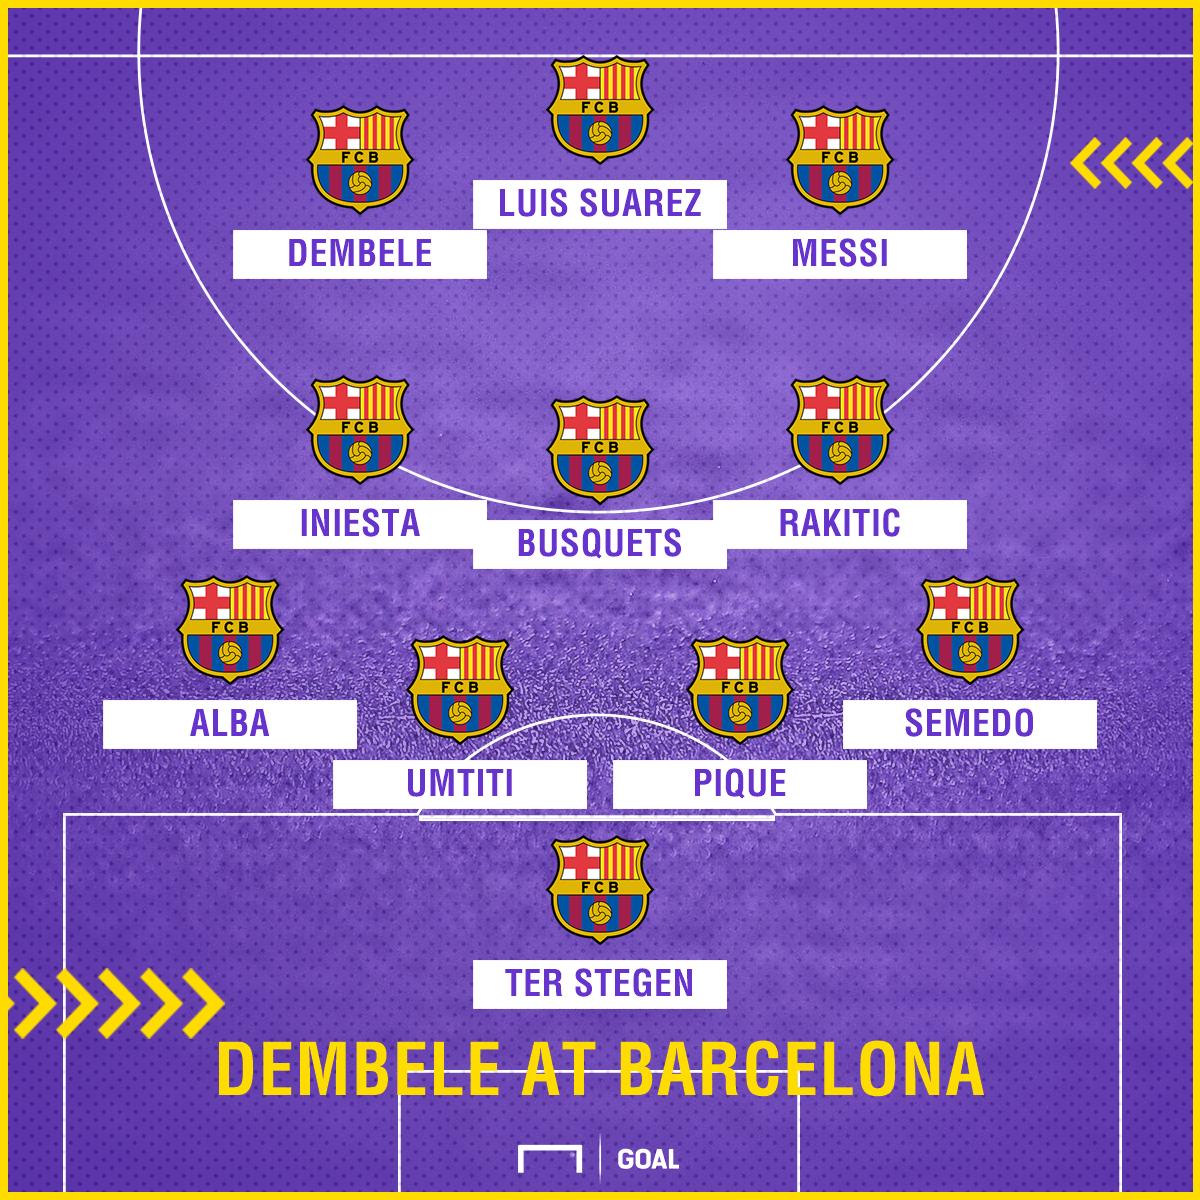 Dembele at Barca 4-3-3